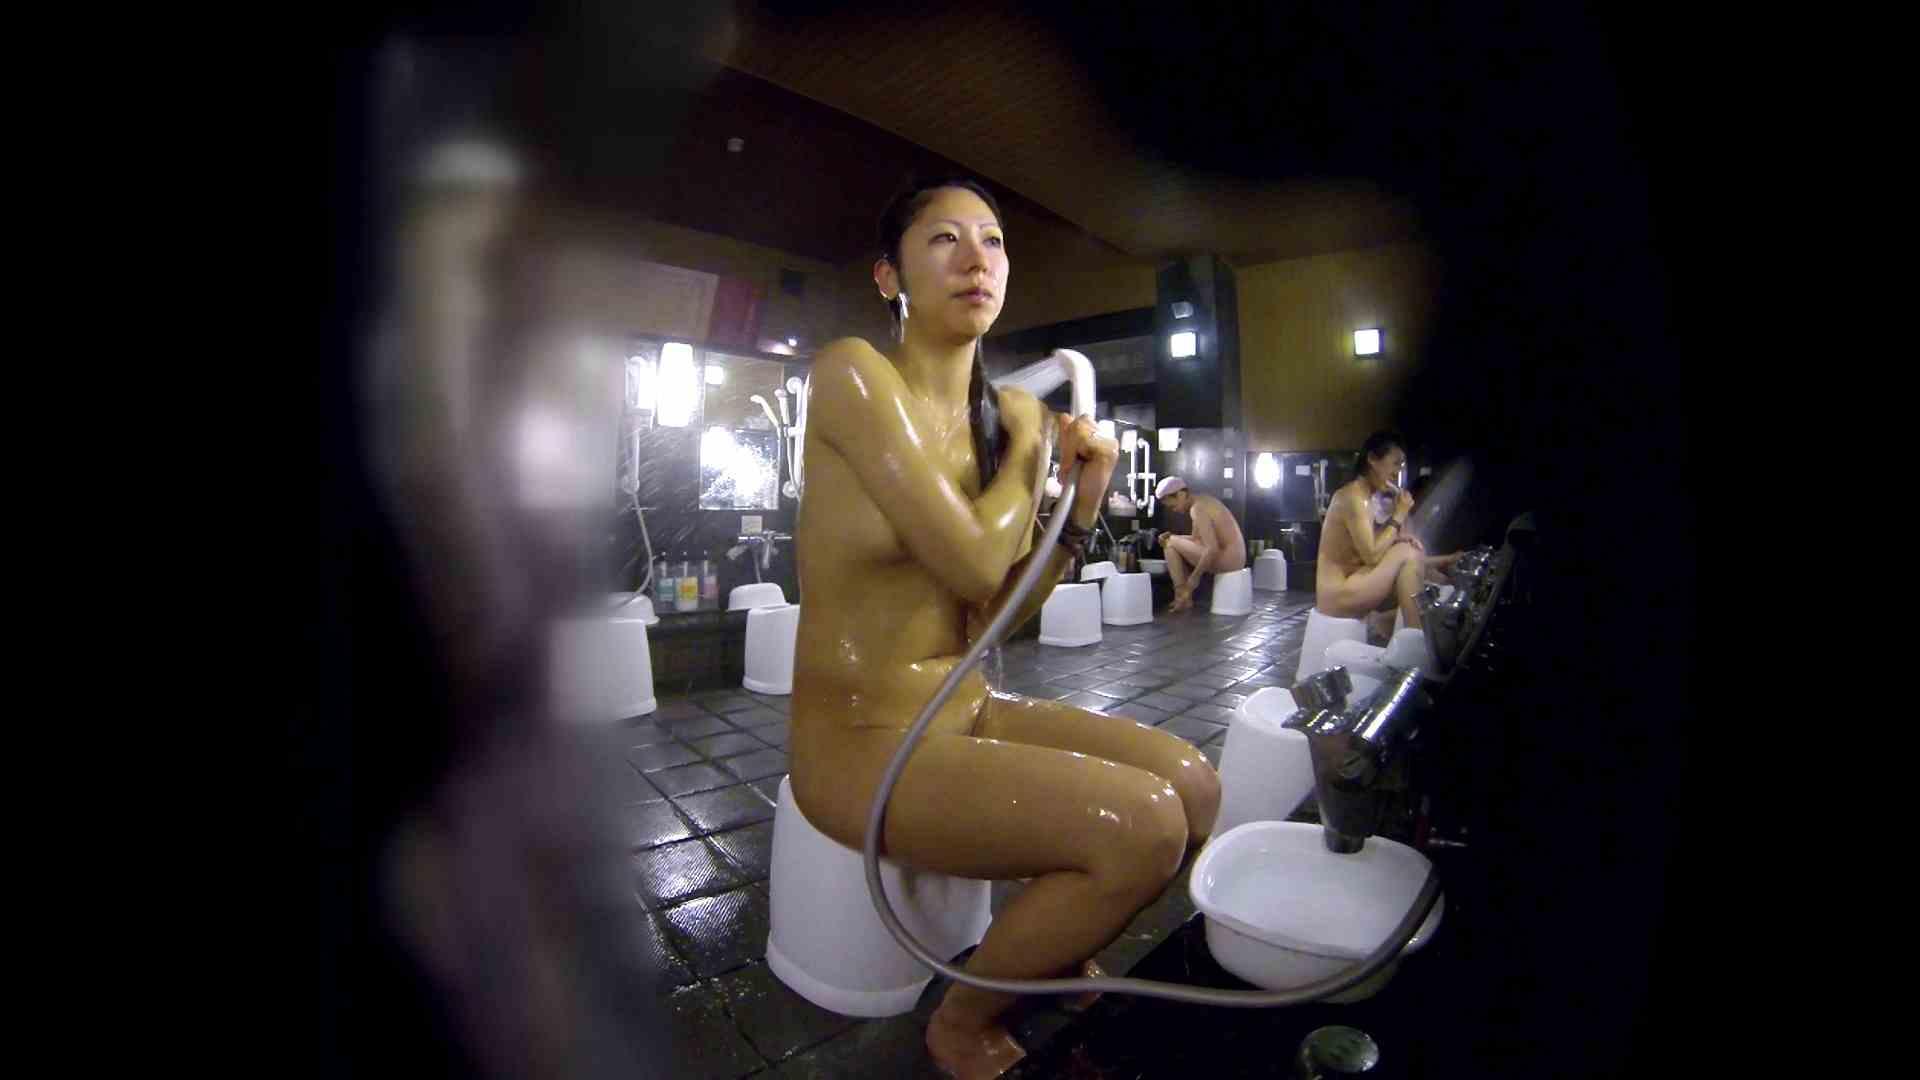 洗い場!綺麗に整えられた陰毛に嫉妬します。 お姉さん攻略 おめこ無修正動画無料 63画像 50